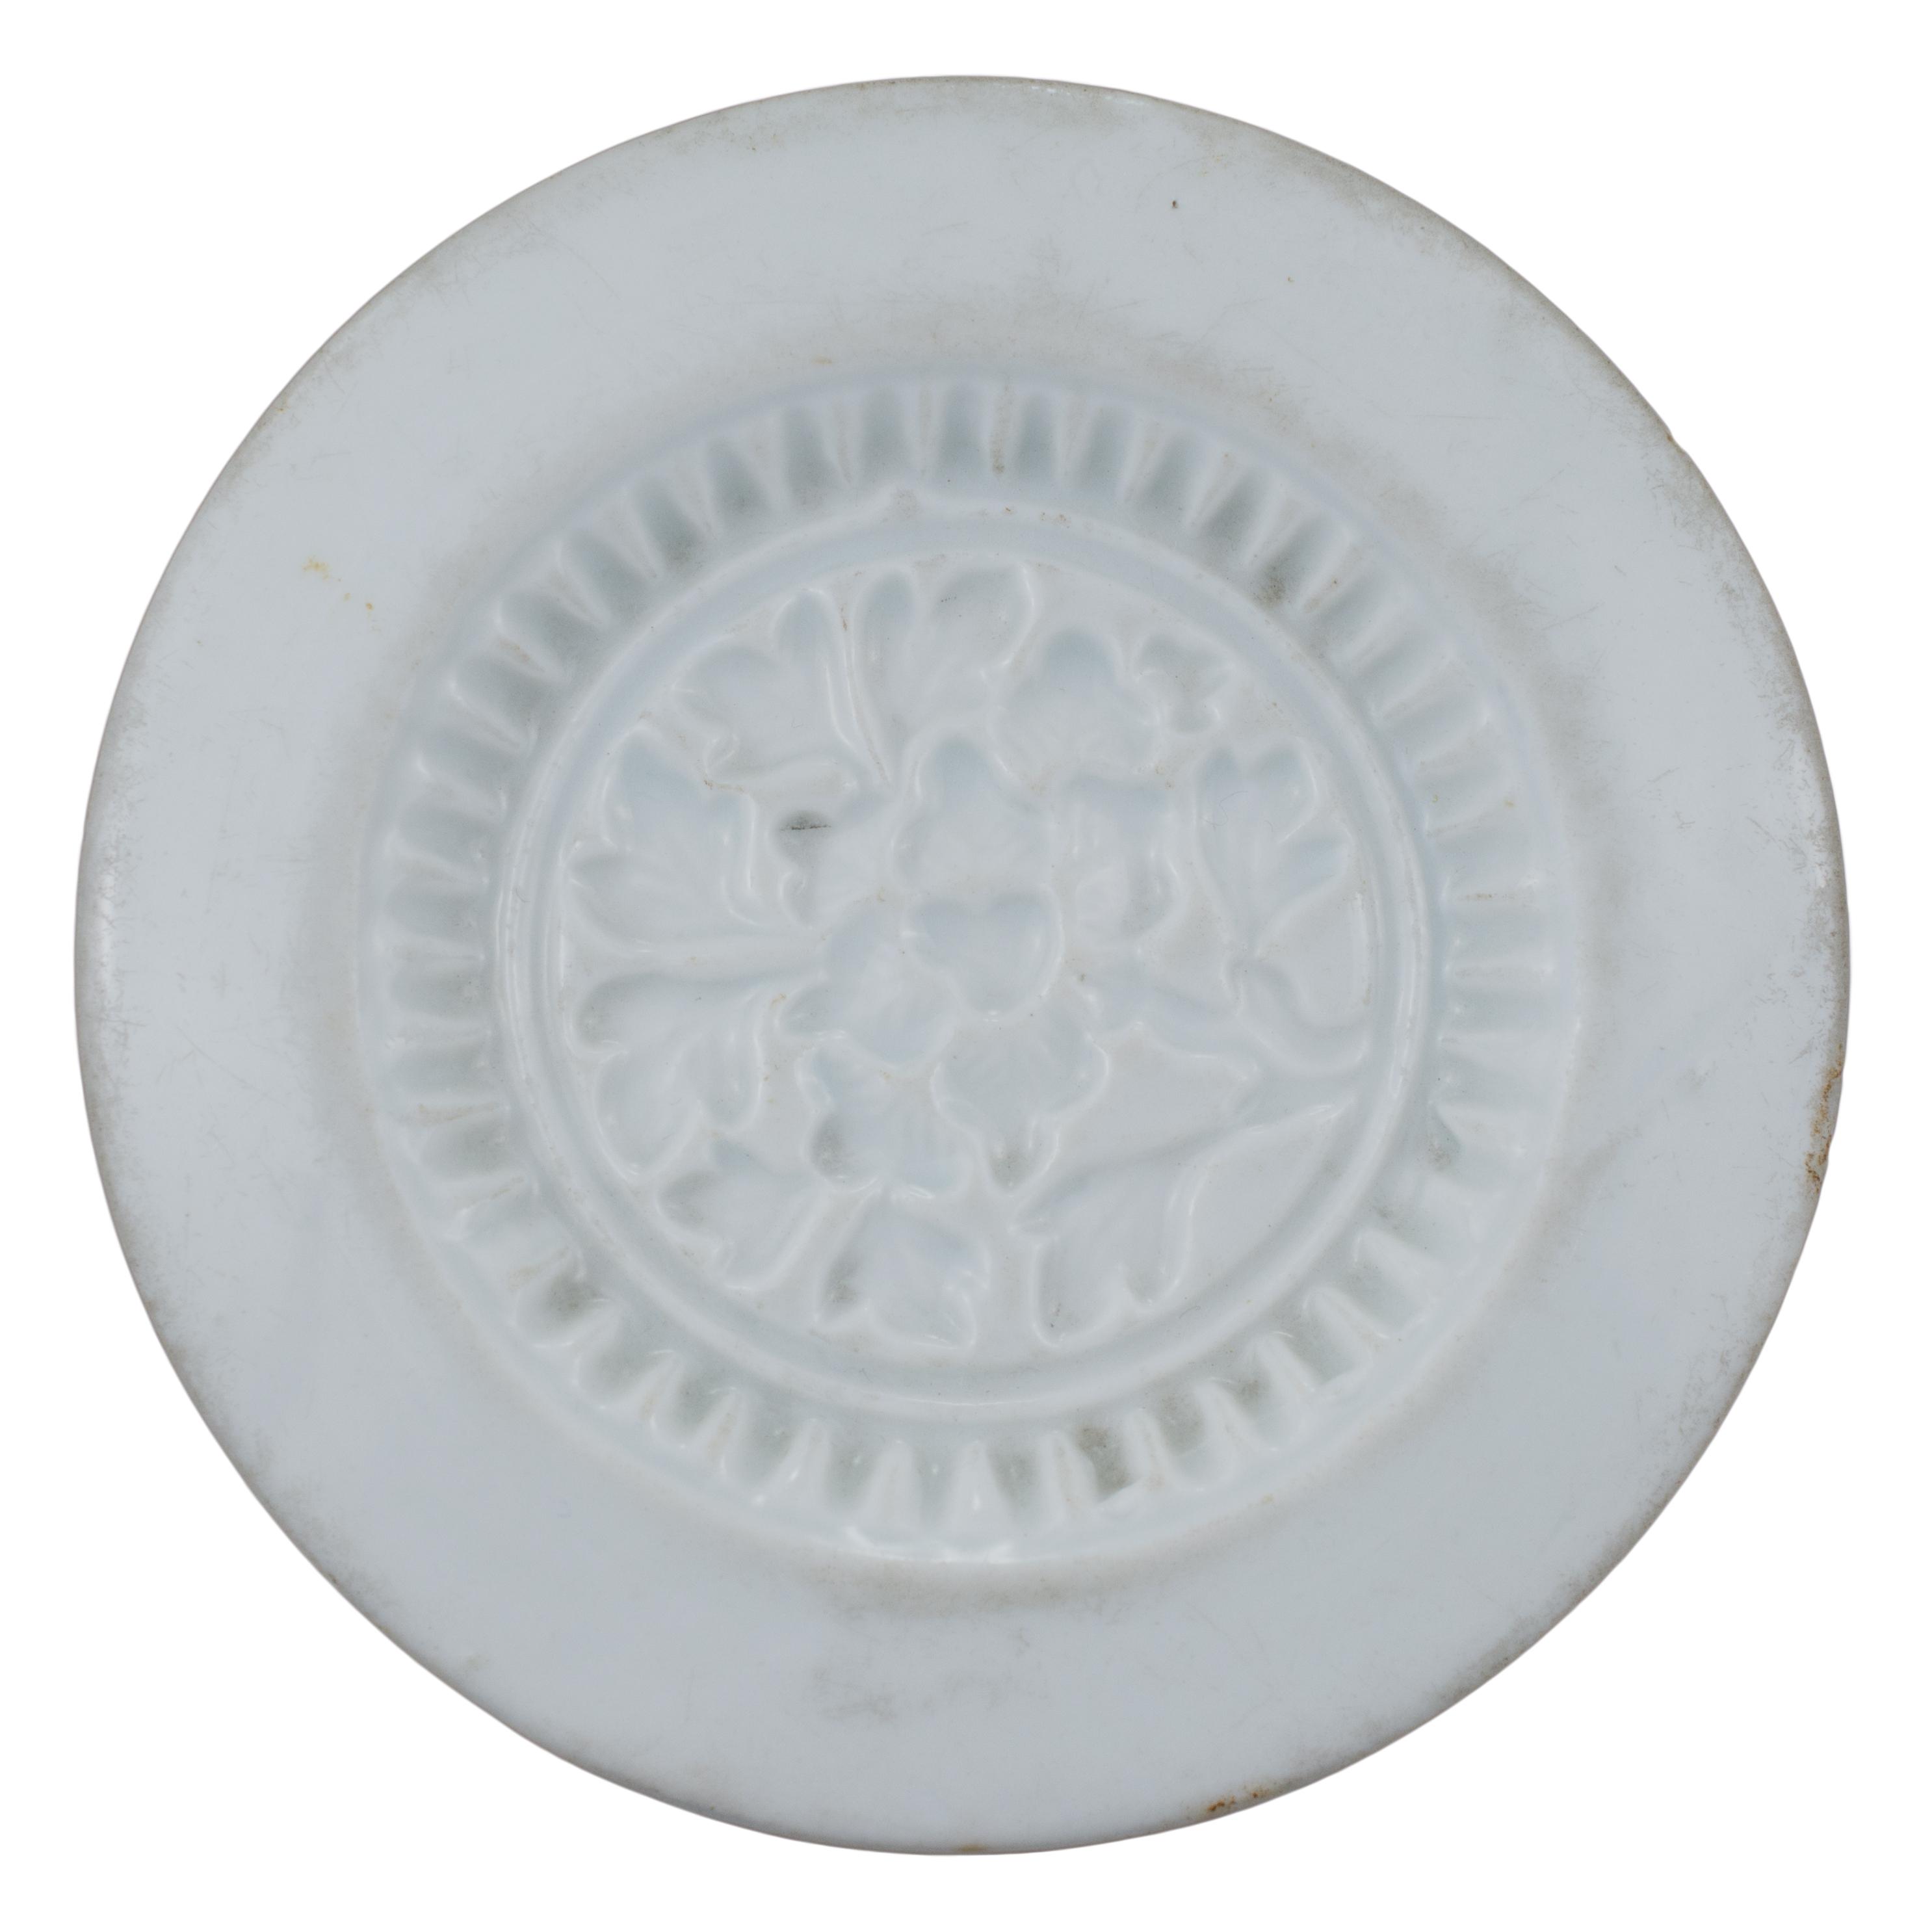 Lot 25 - A Chinese Kangxi / Yongzheng Blanc de Chine Porcelain Box Lid Mould (Ex. Museum)